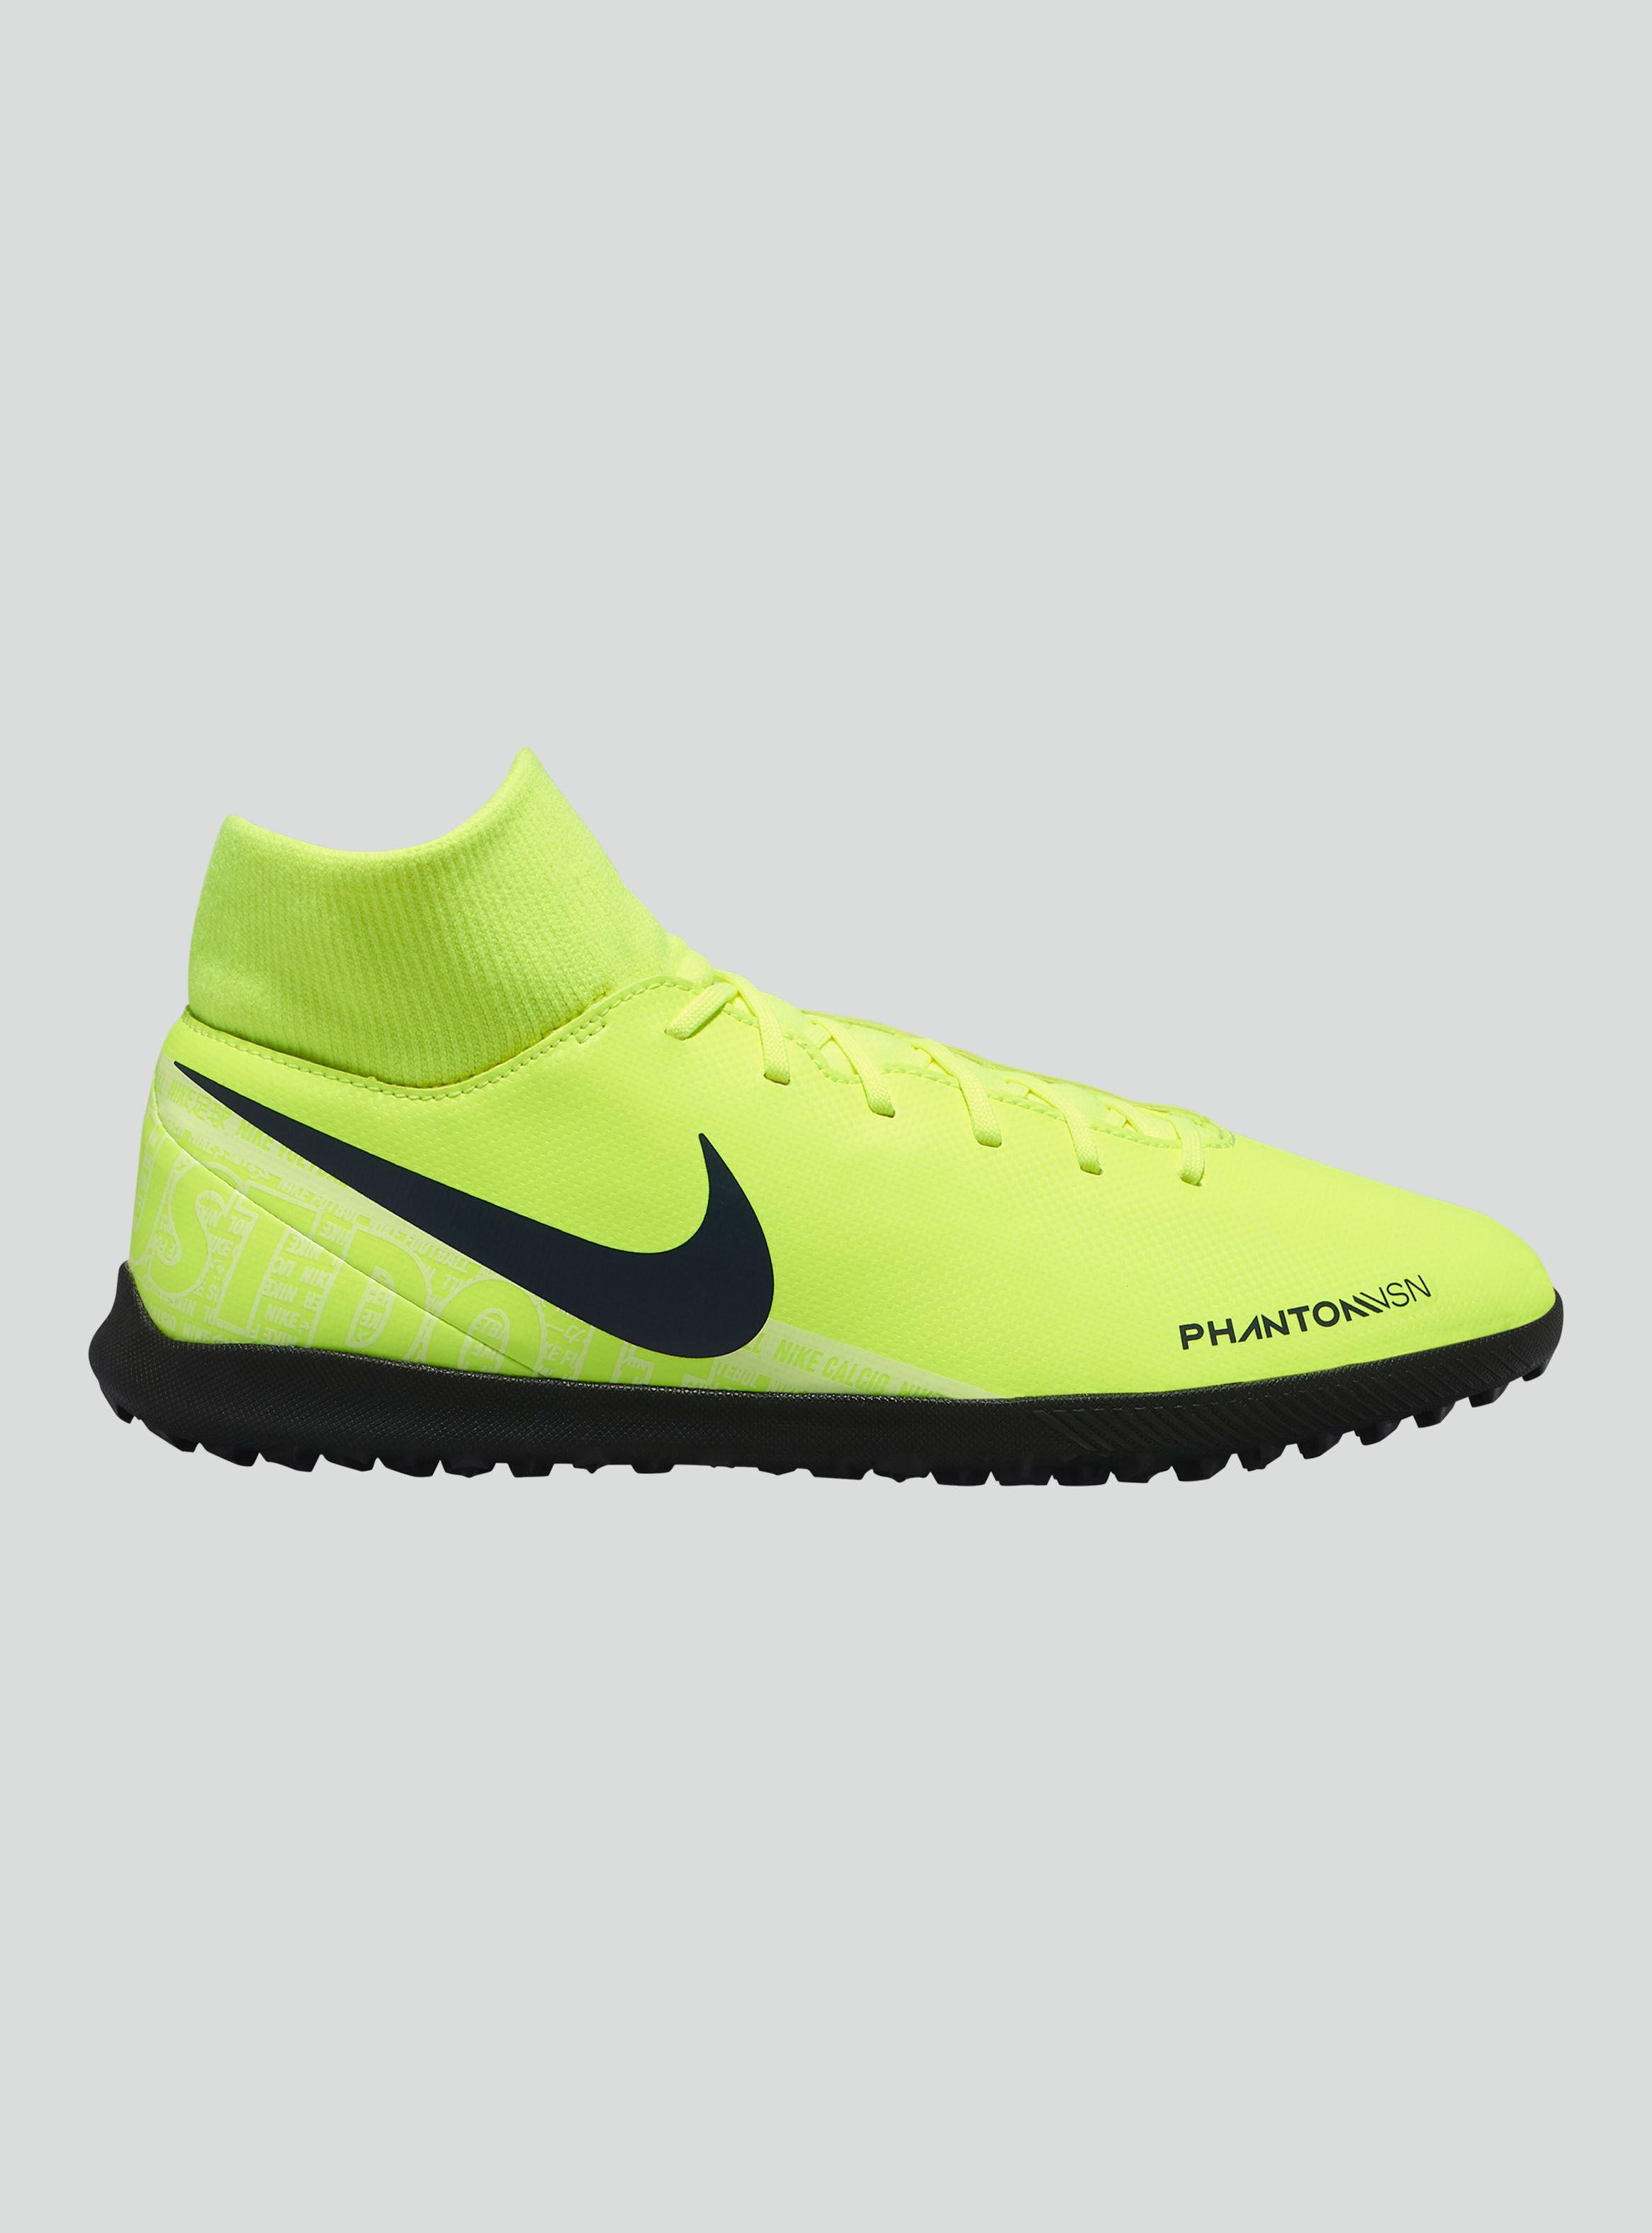 Zapatos y Zapatillas Para el pasto natural o sintético